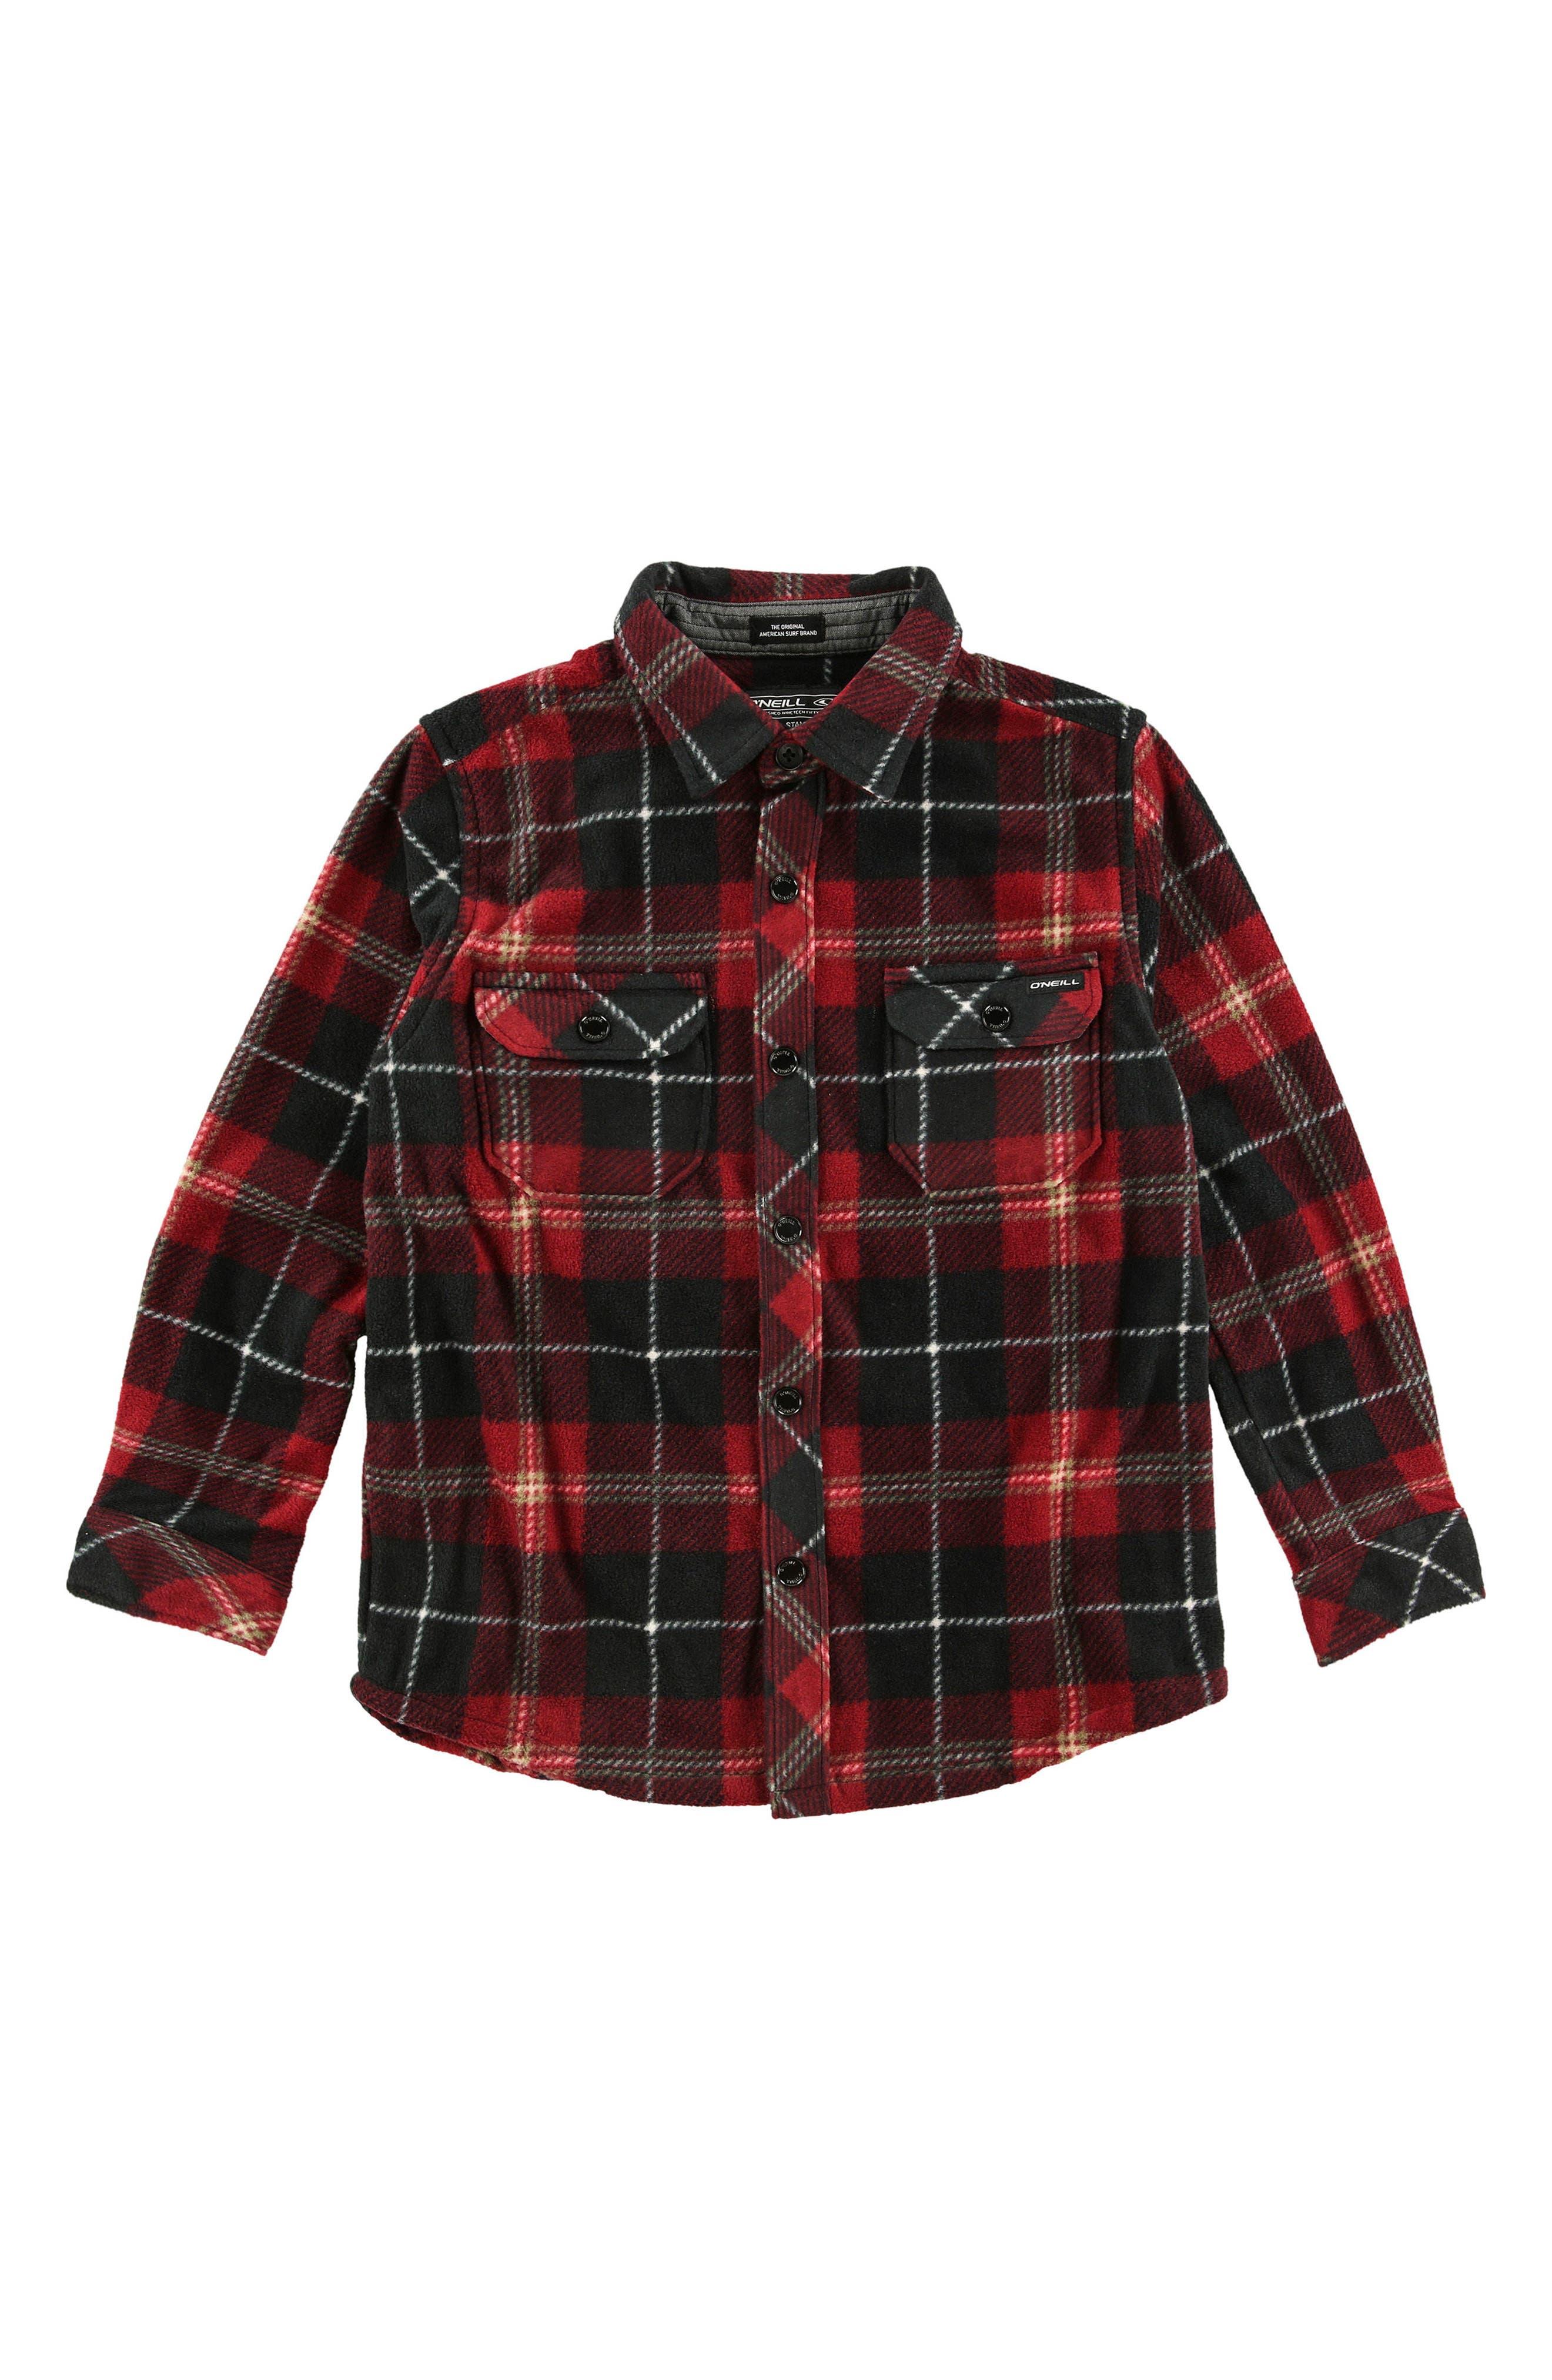 Alternate Image 1 Selected - O'Neill Glacier Plaid Shirt (Toddler Boys)